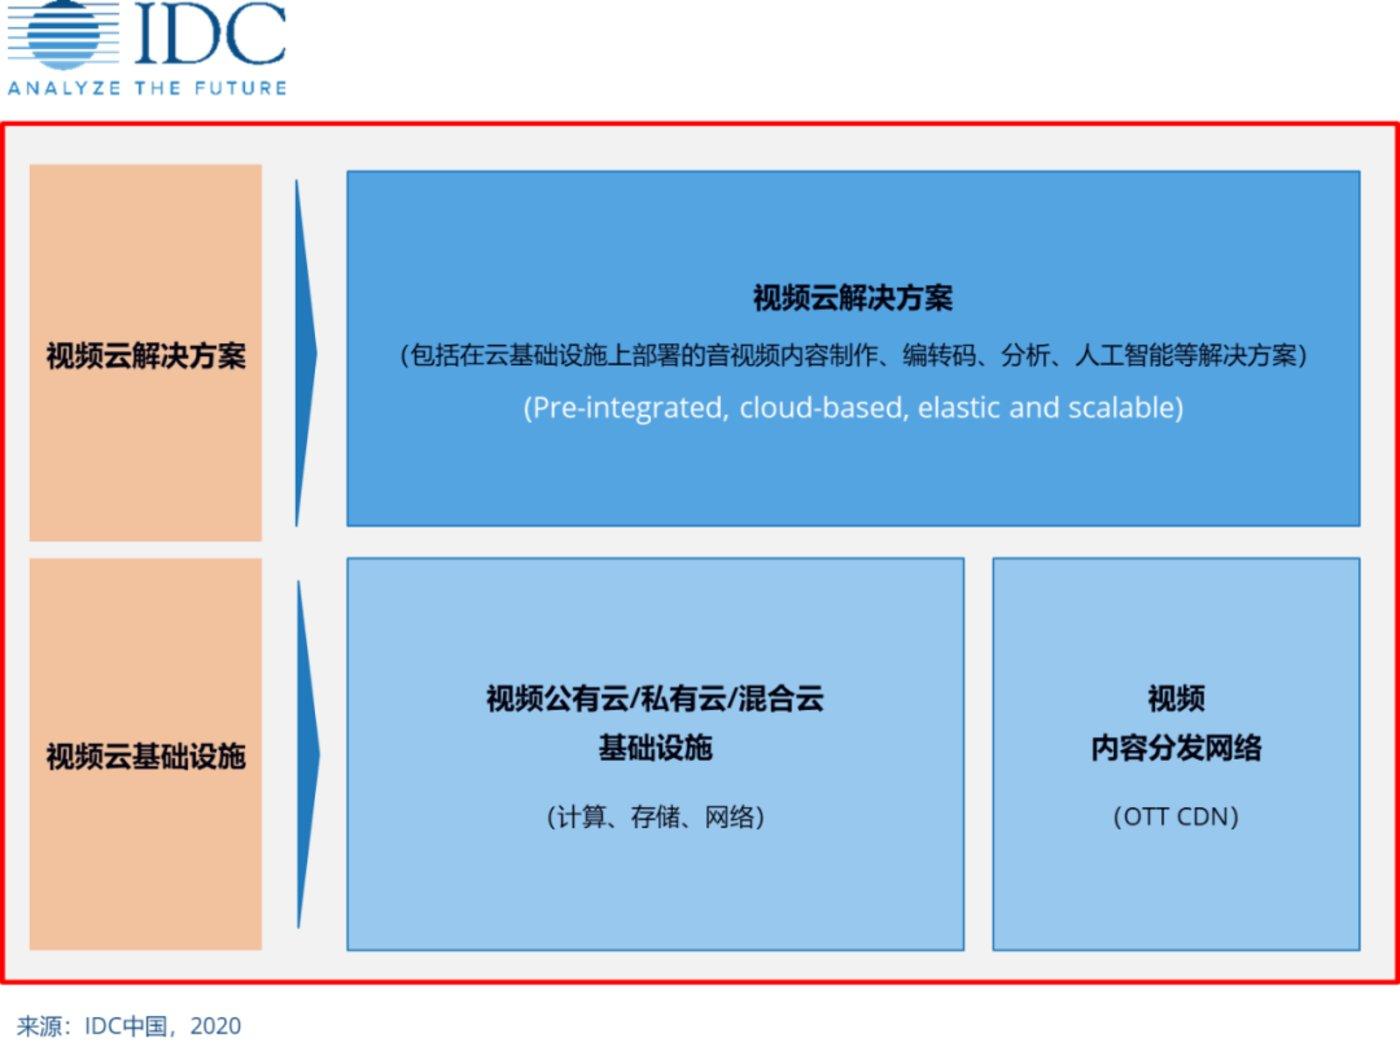 IDC咨询视频云解决方案组成框架图